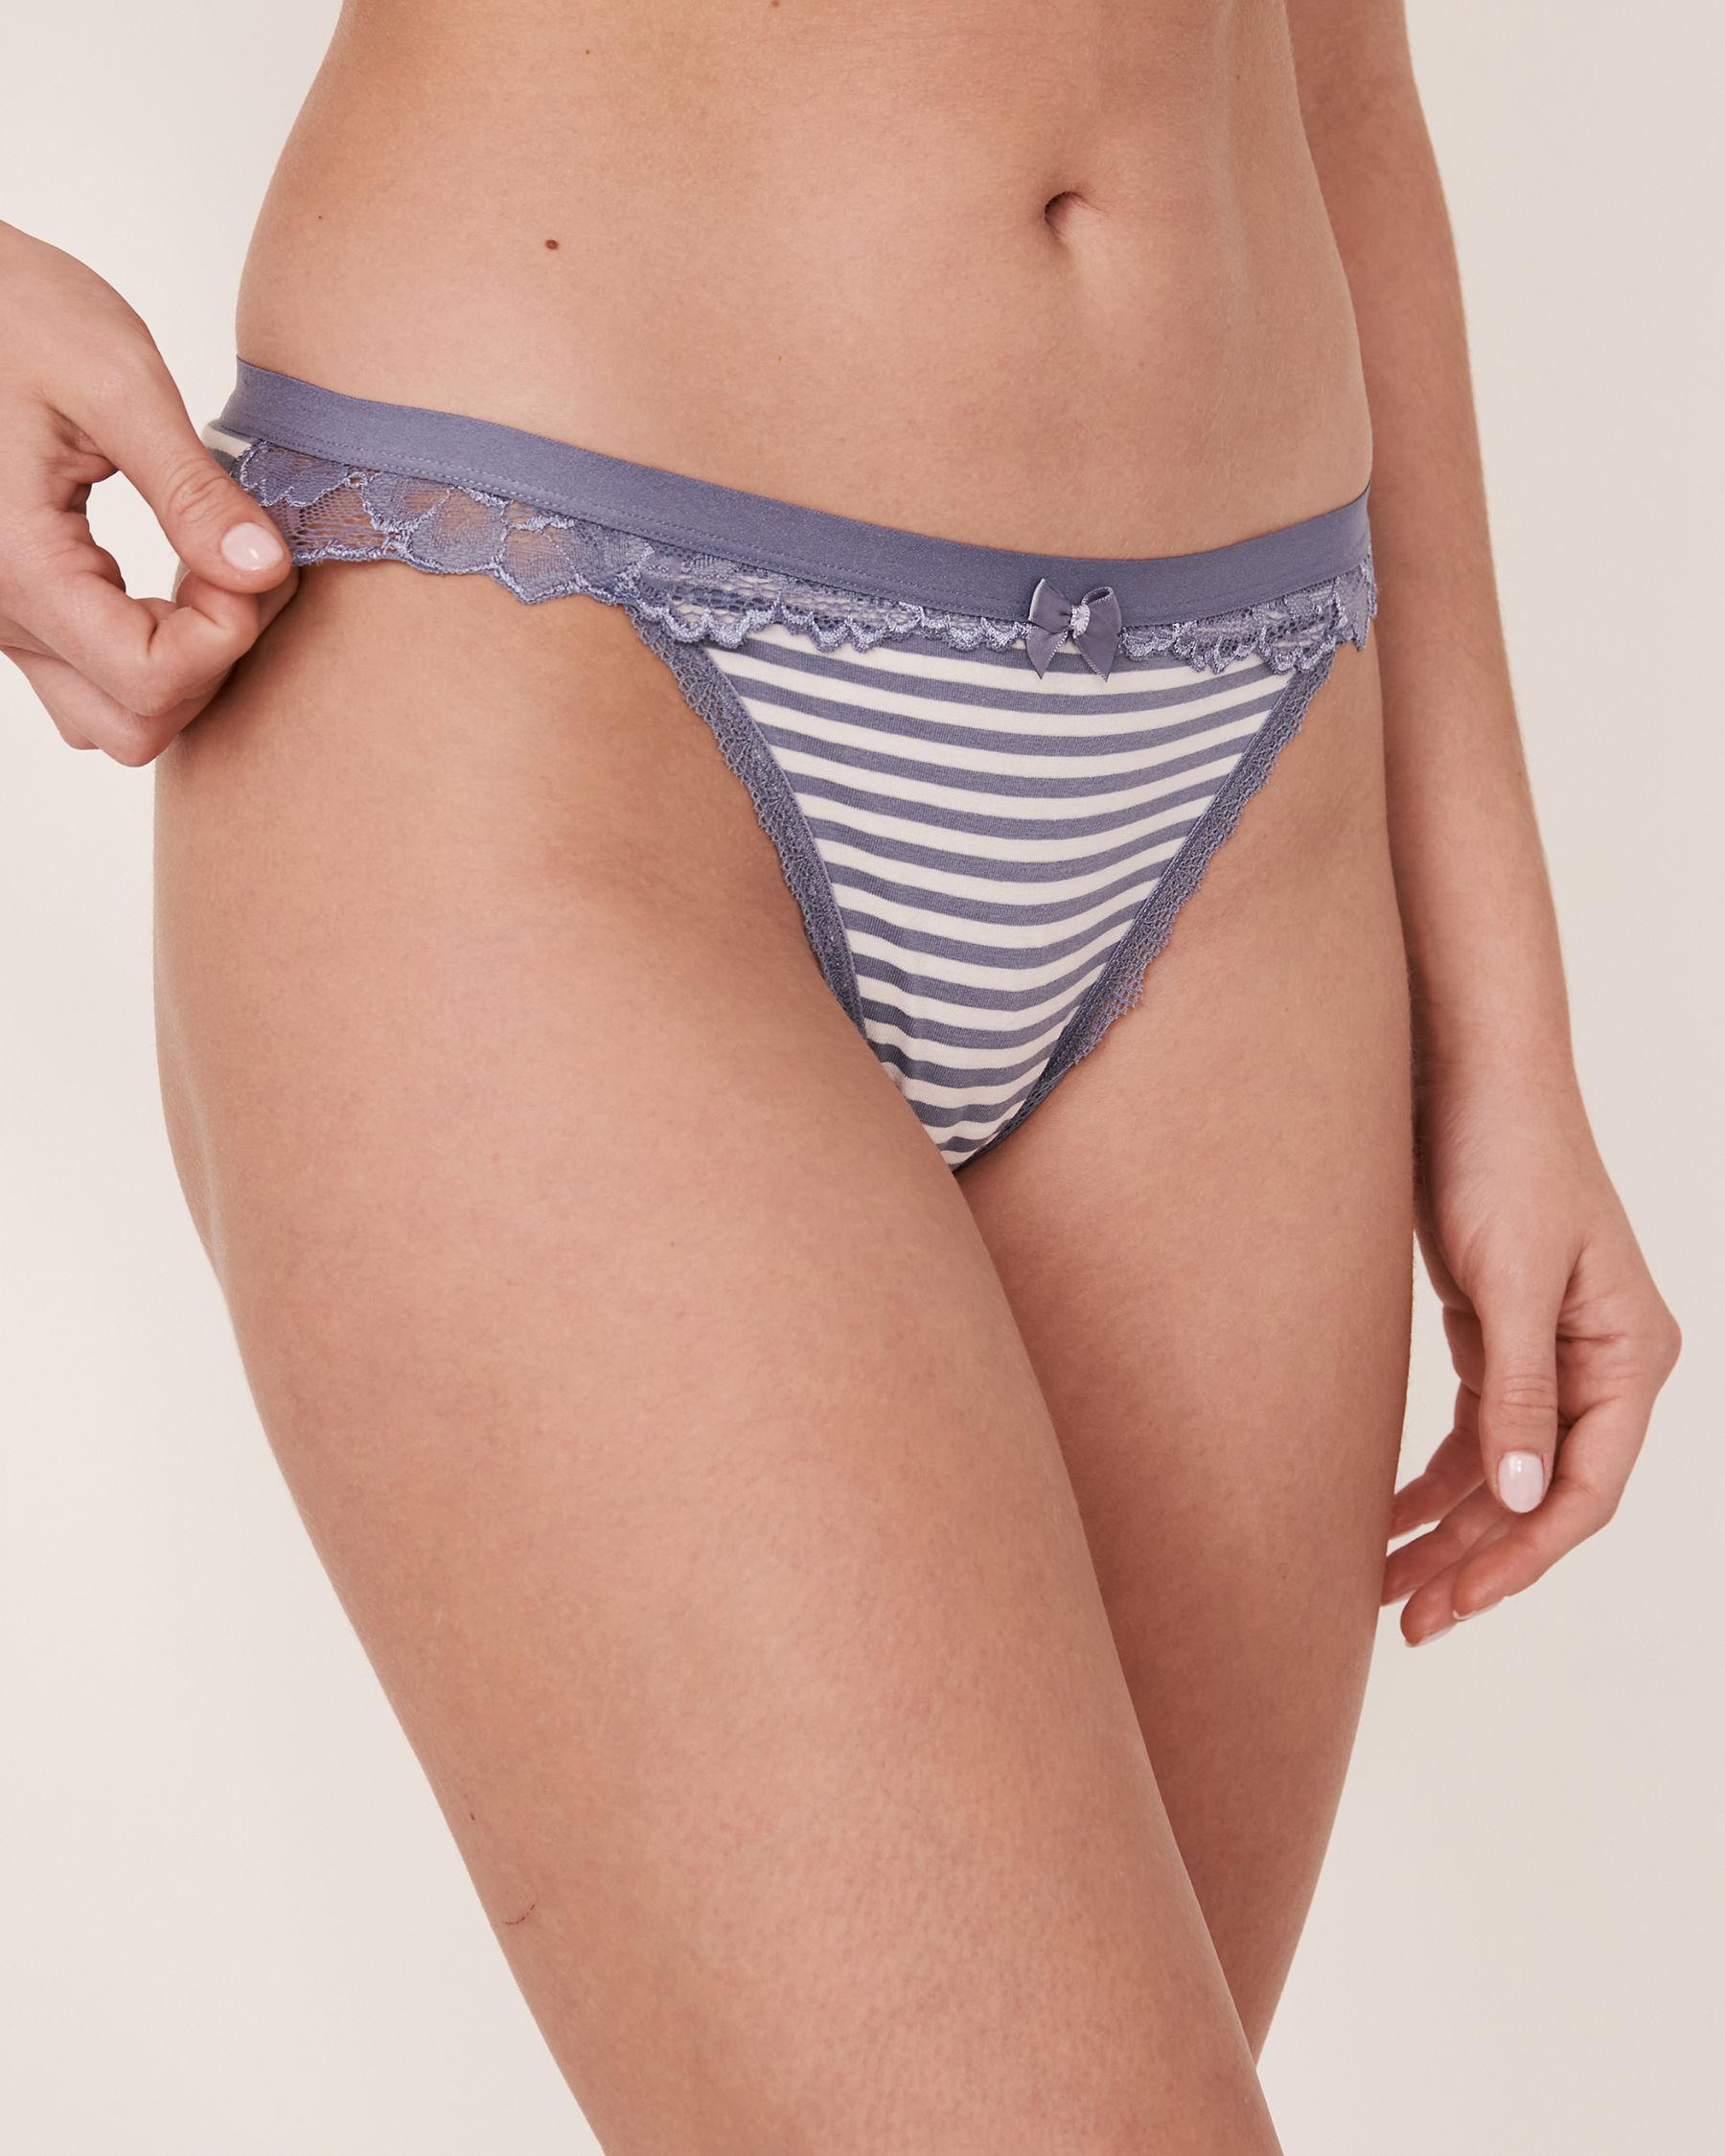 LA VIE EN ROSE Thong Panty Horizontal stripes 20100046 - View1